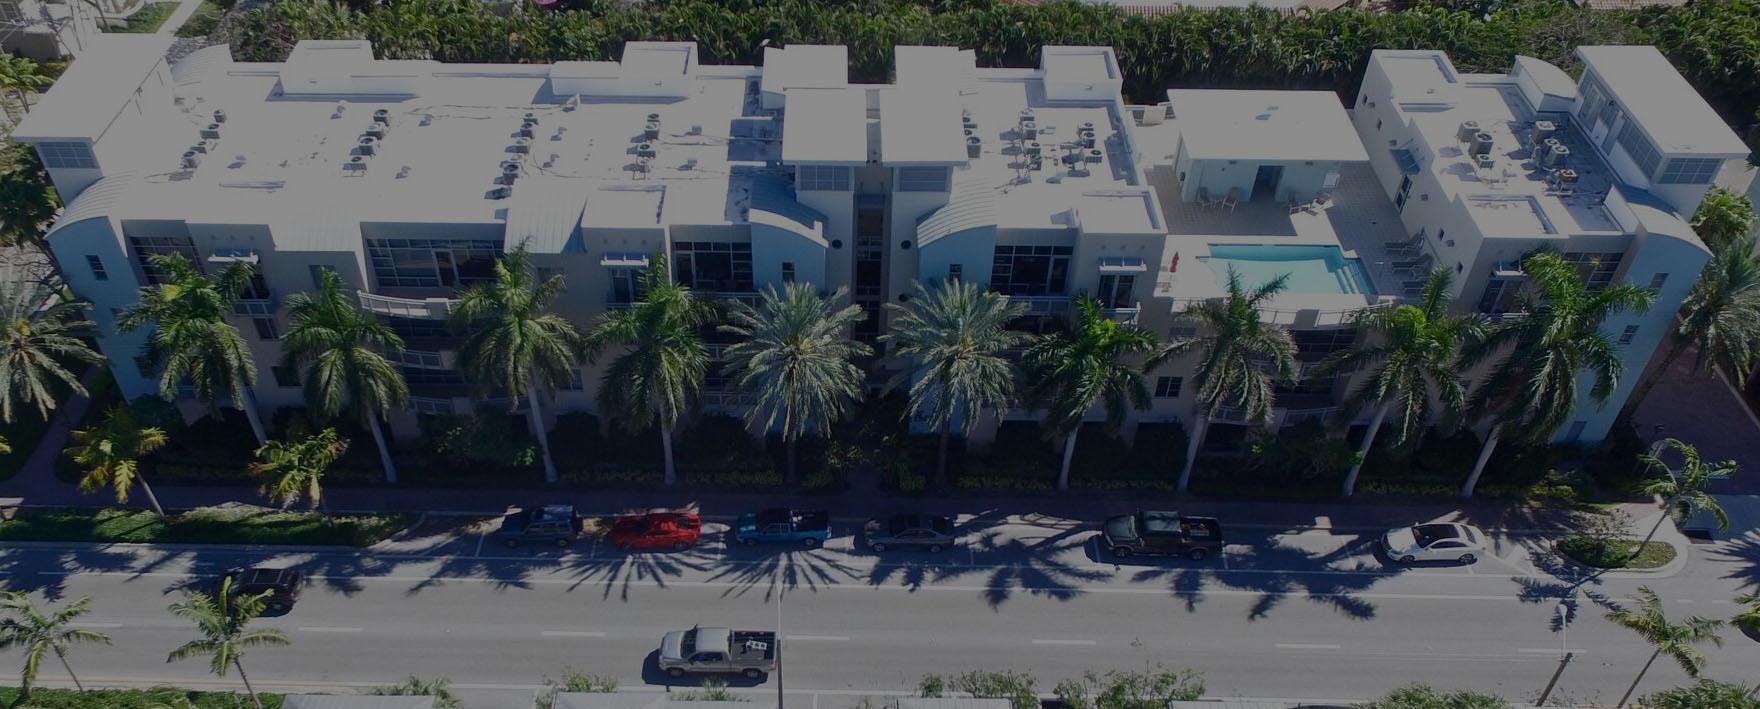 Condo Building - Lawn Care Services